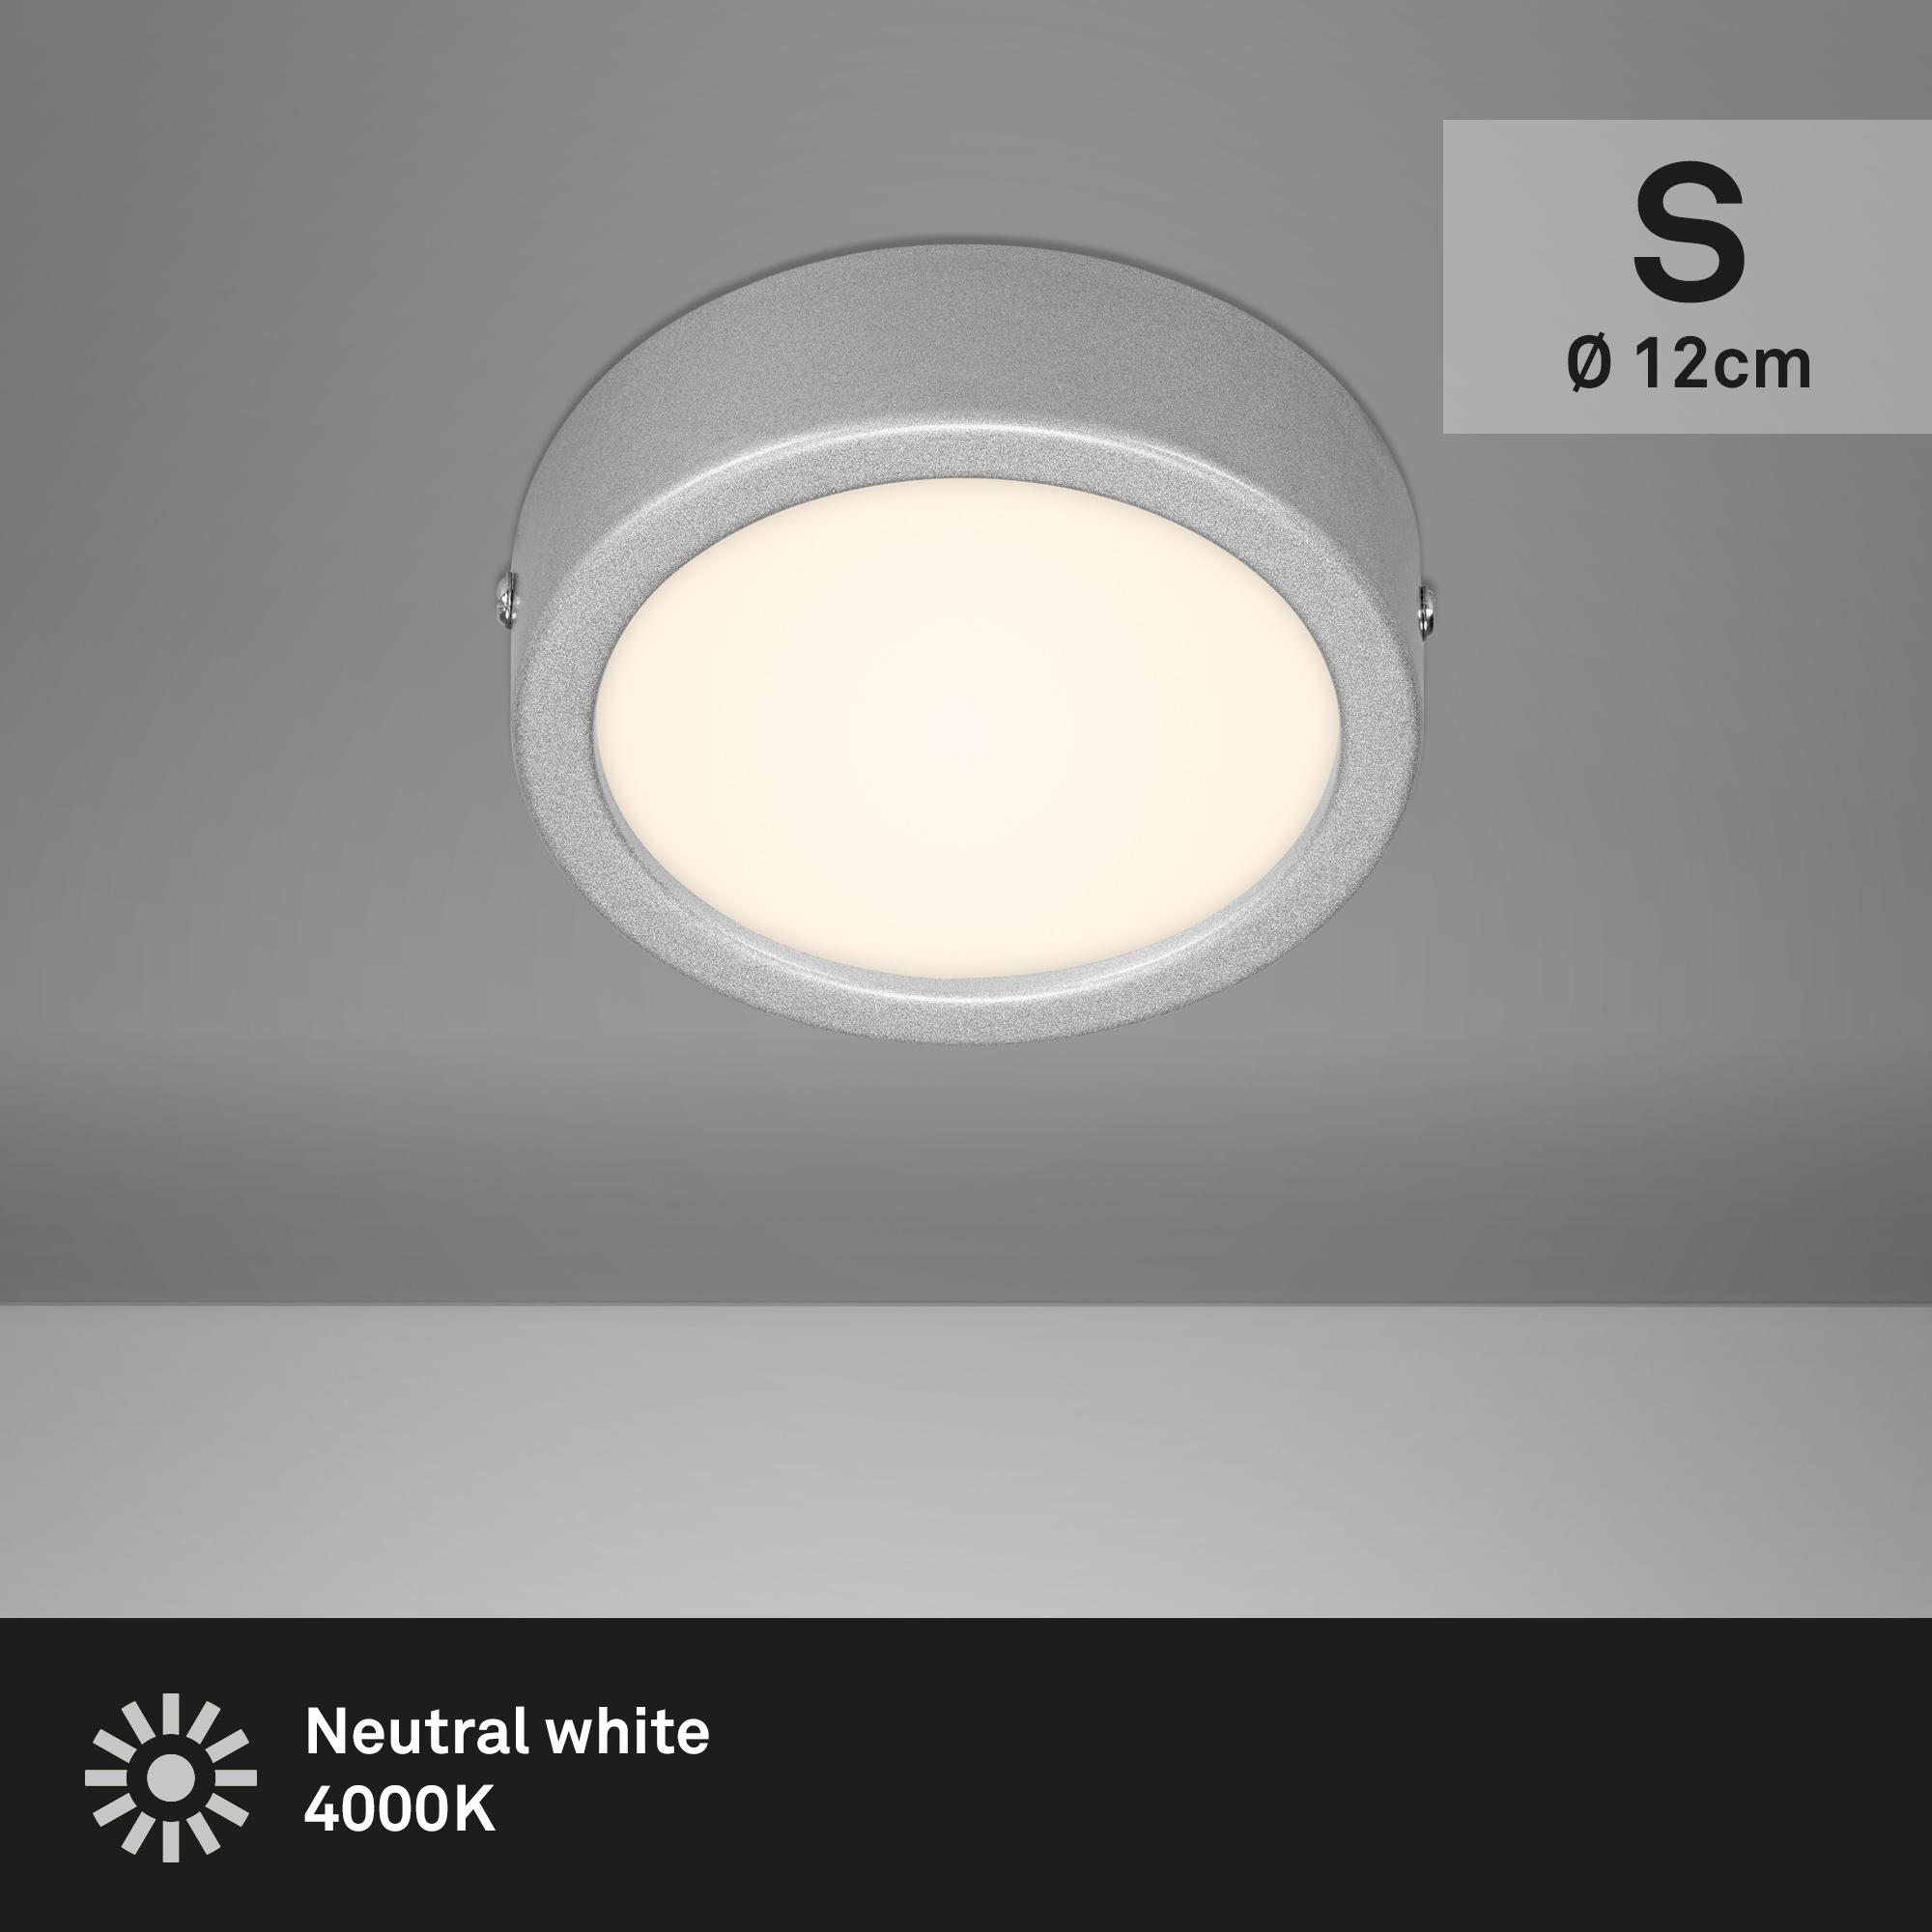 LED Deckenleuchte Chrom-Matt